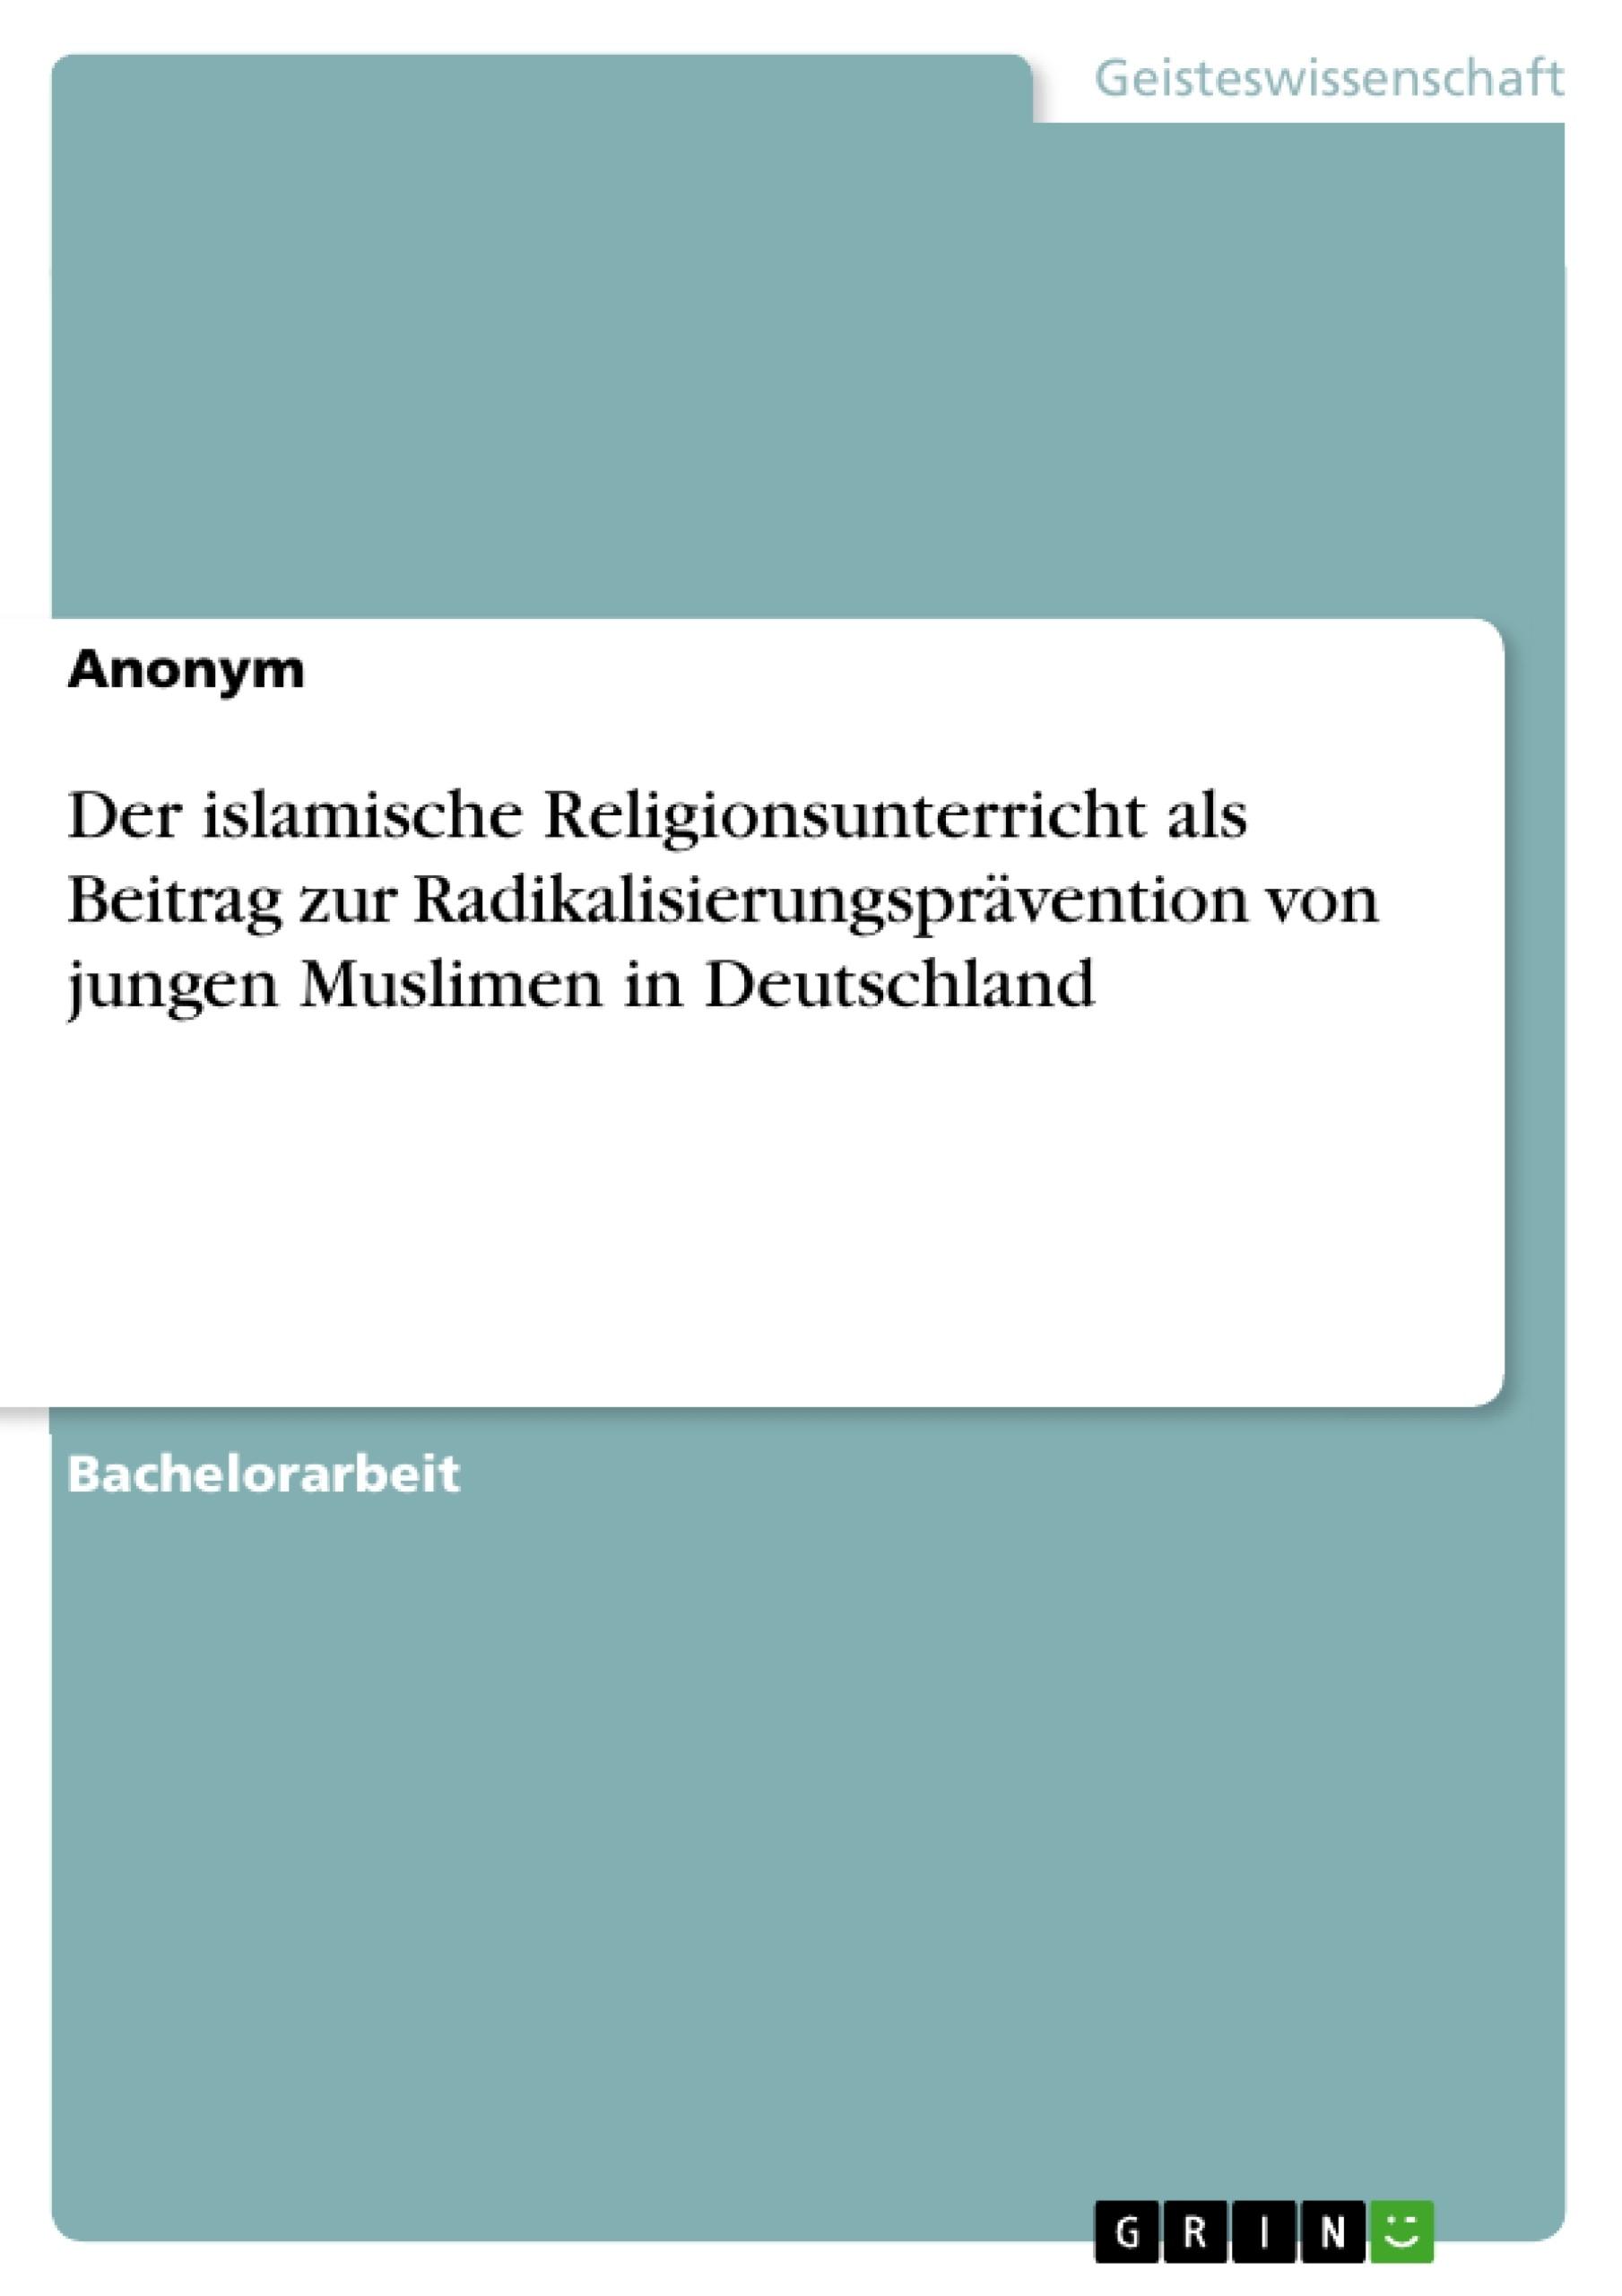 Titel: Der islamische Religionsunterricht als Beitrag zur Radikalisierungsprävention von jungen Muslimen in Deutschland